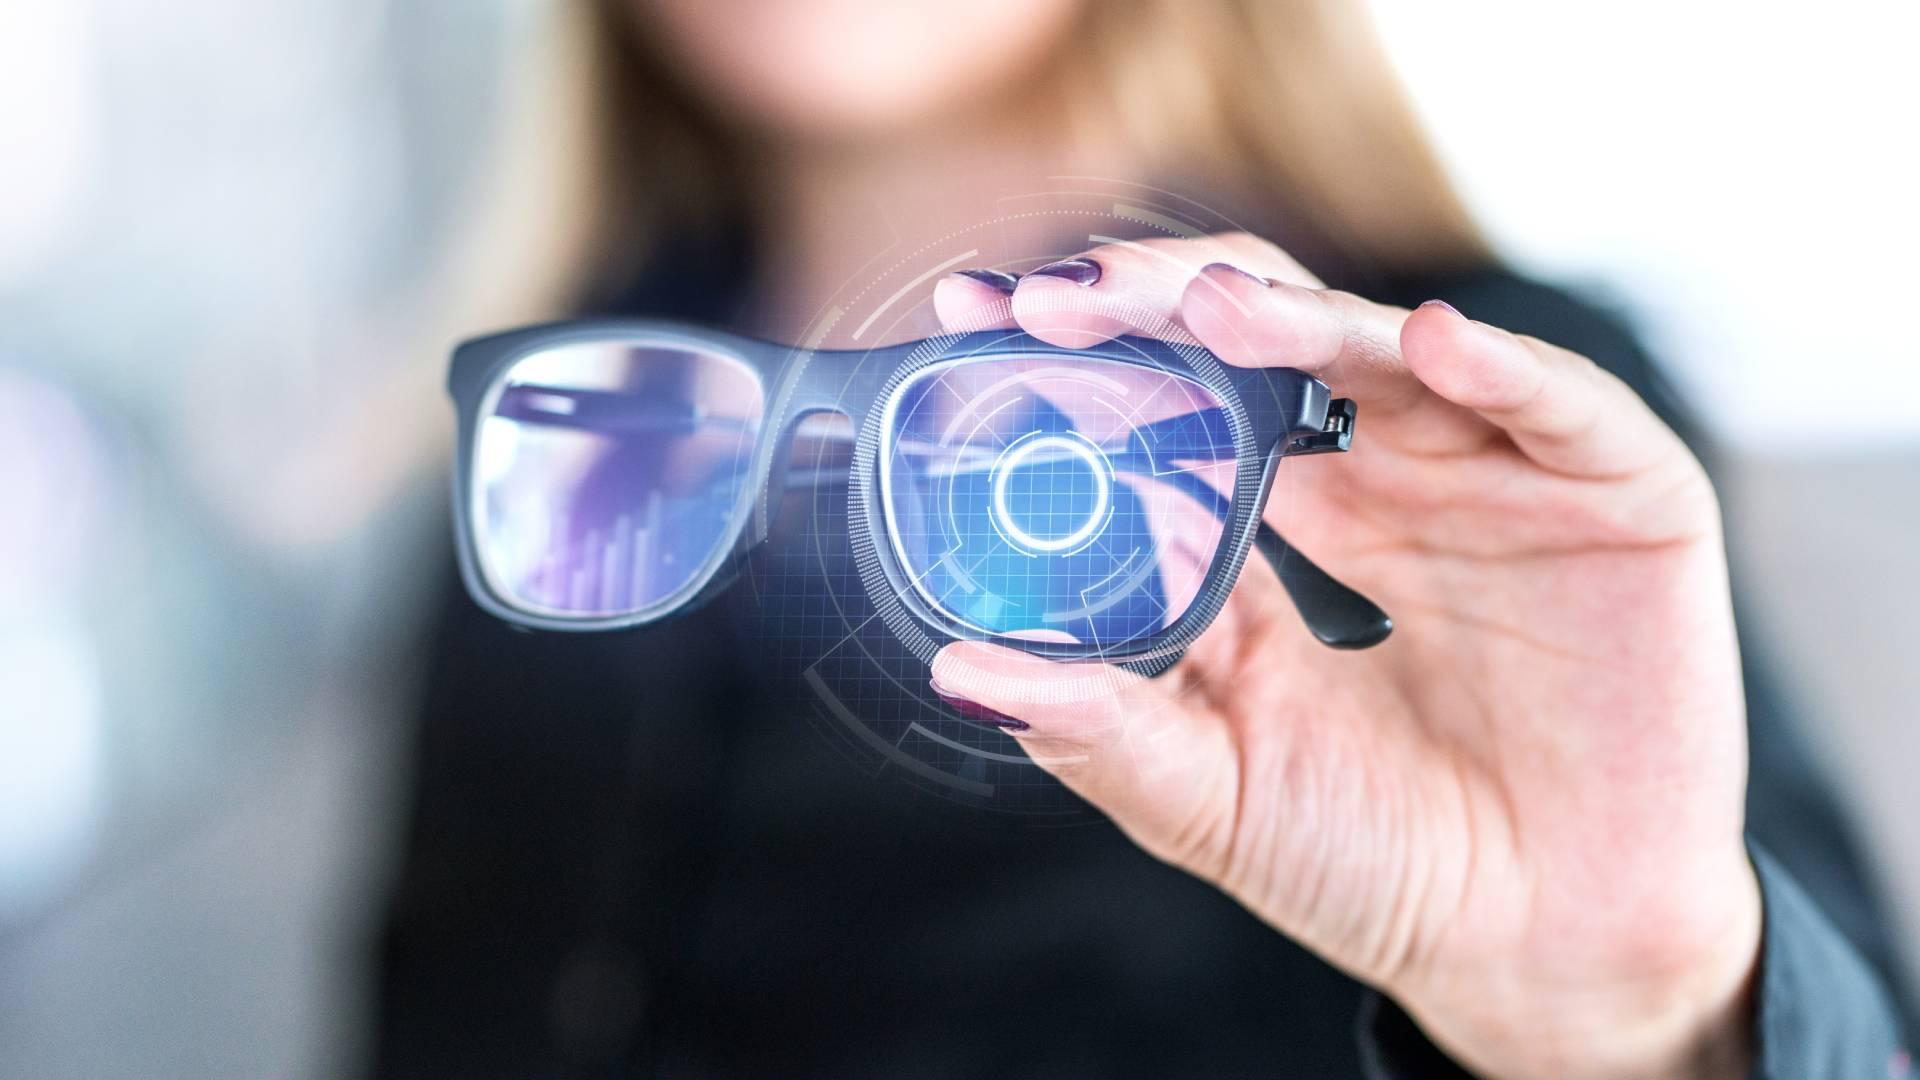 Xiaomi stellt die fortschrittlichste vernetzte Brille vor